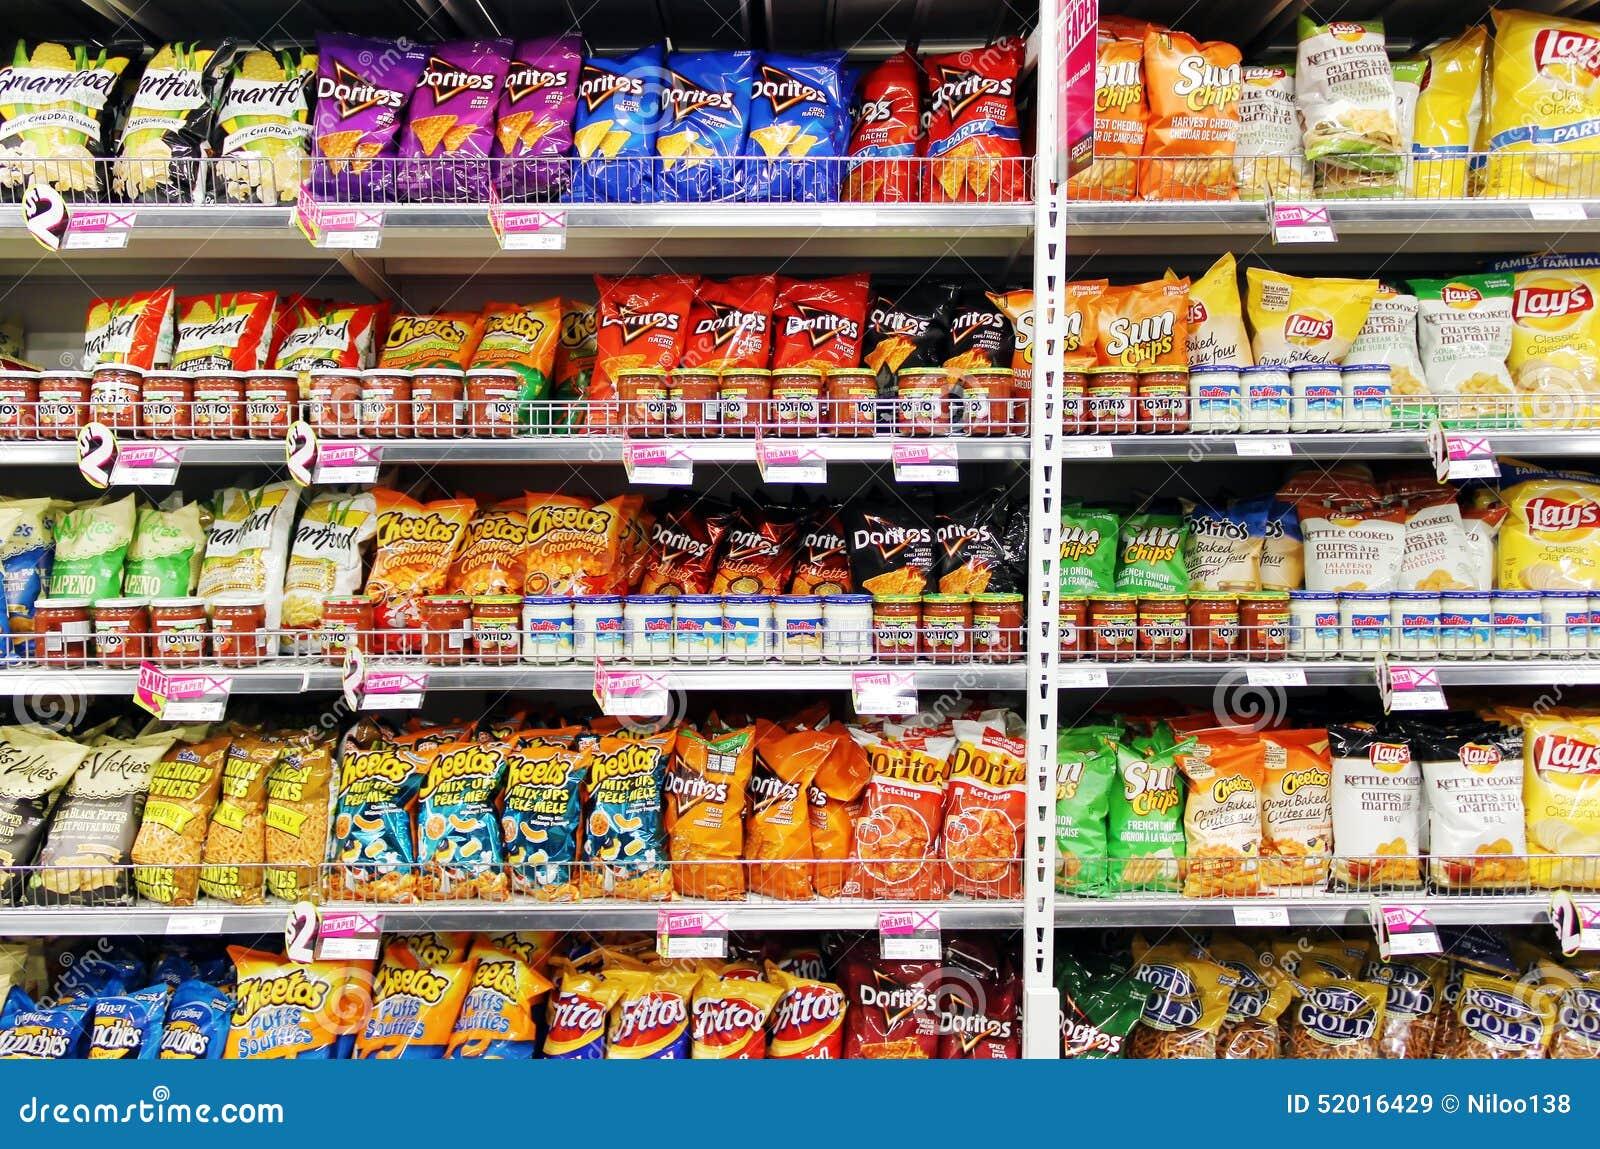 Best Food To Buy At Walmart